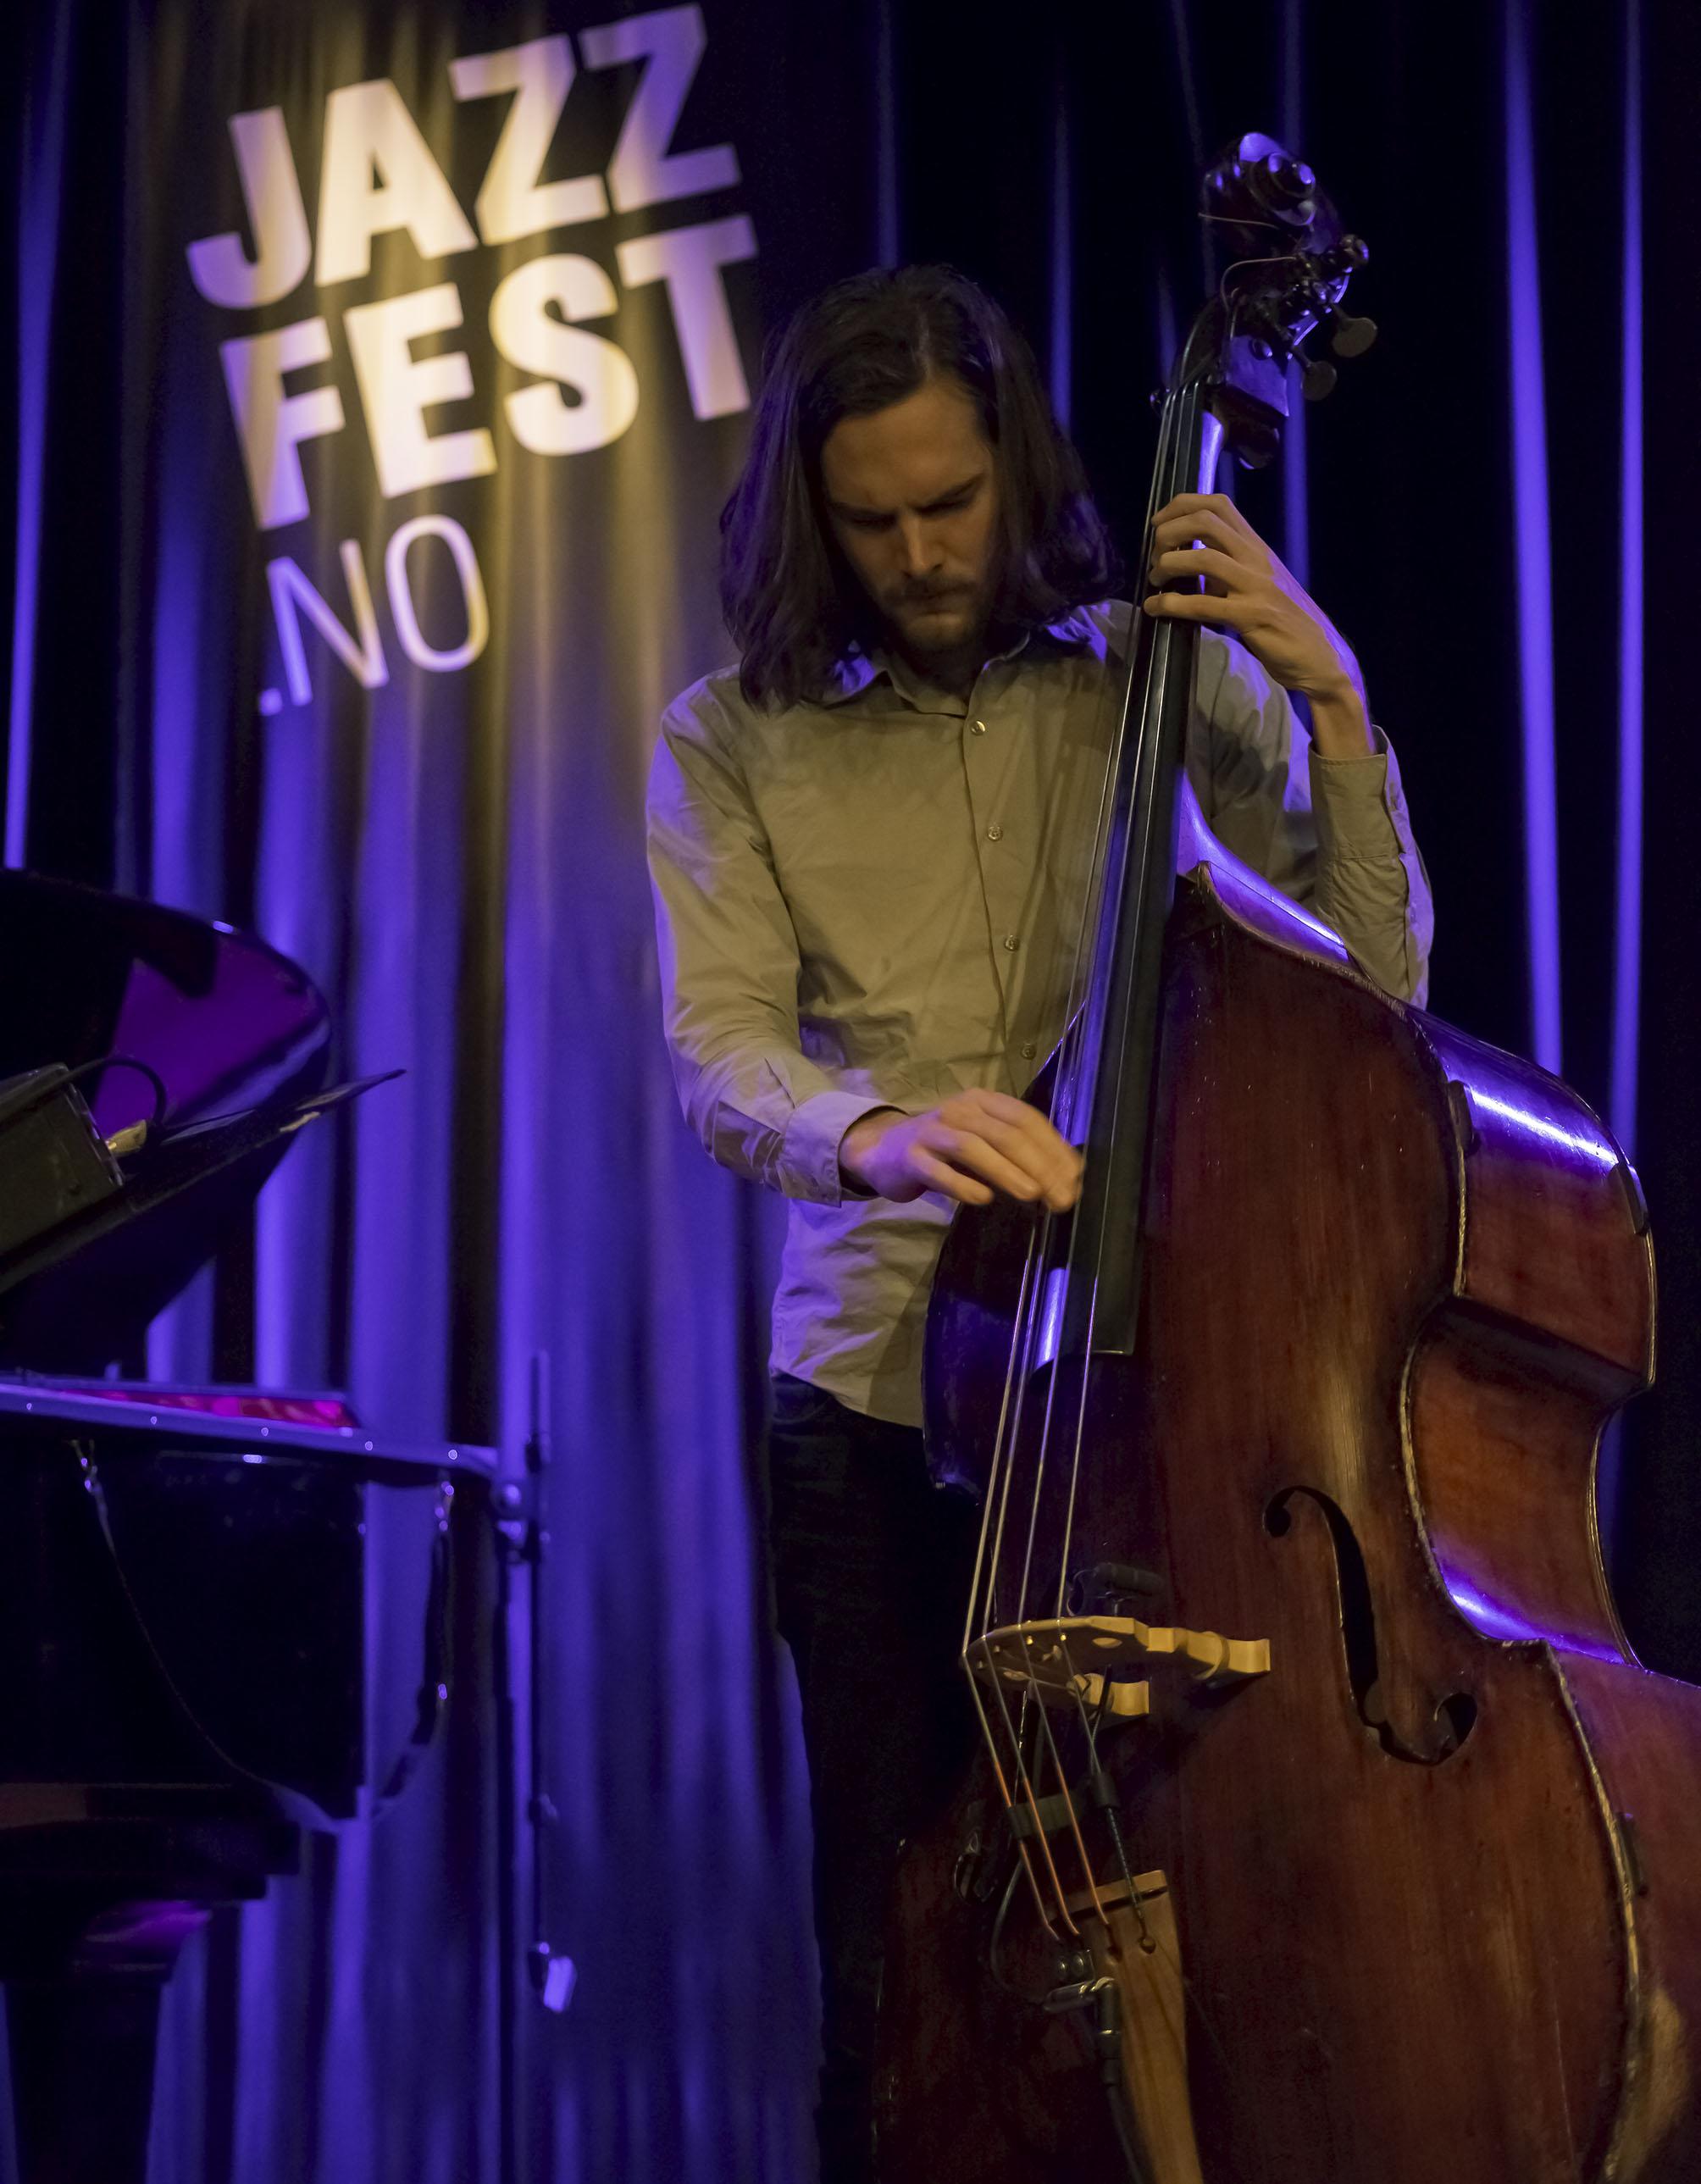 Splashgirl, Trondheim Jazz Festival 2012